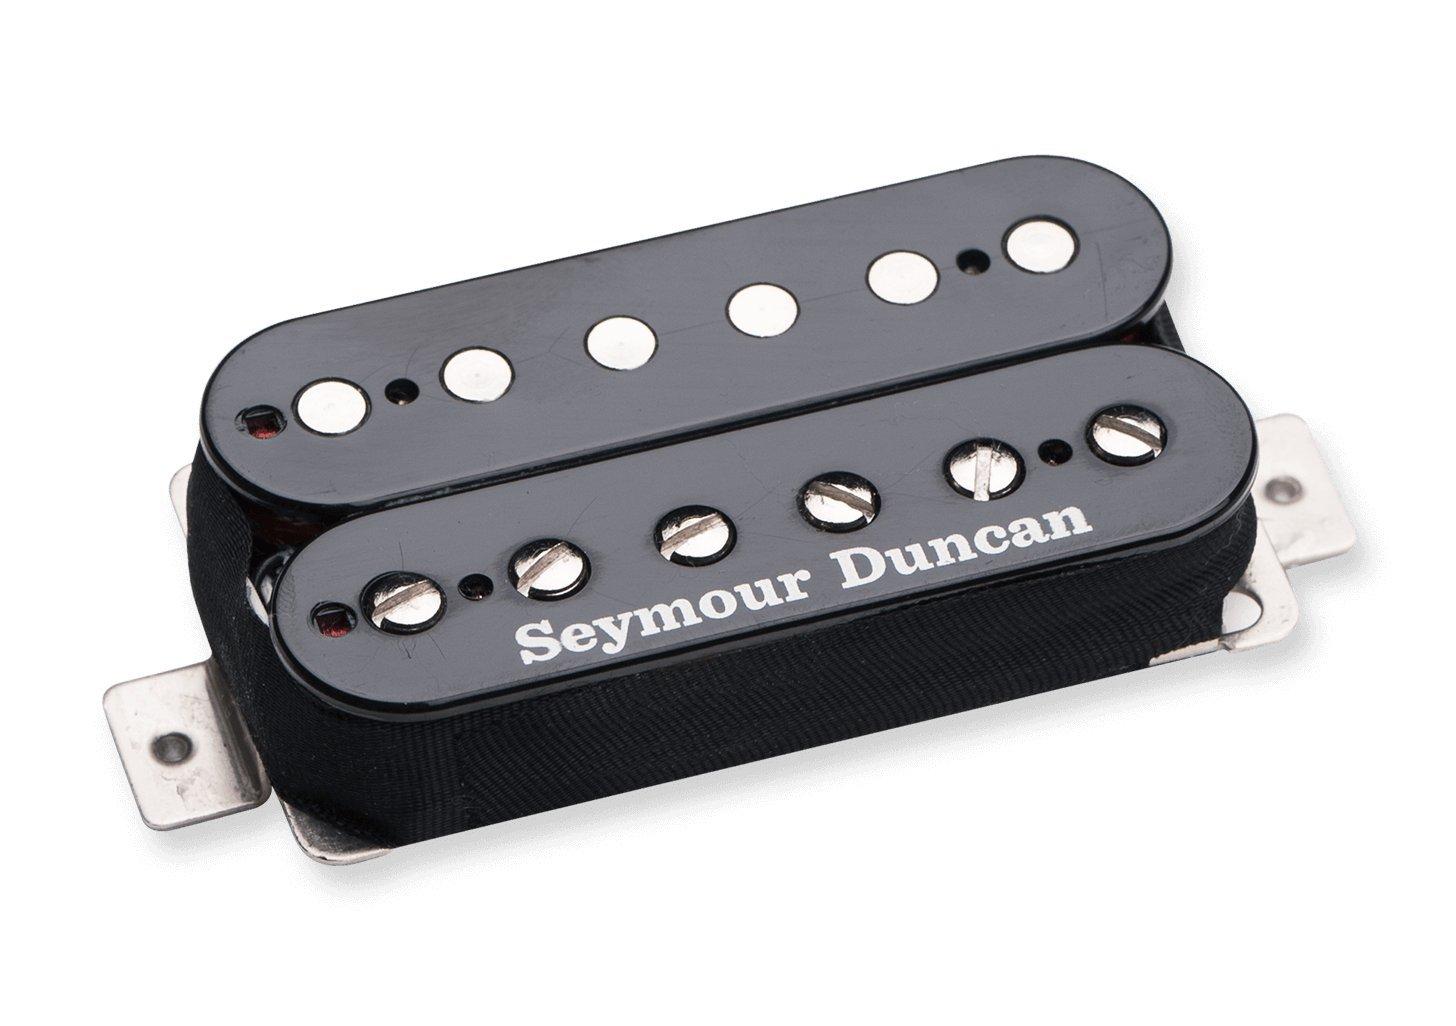 【超安い】 Seymour Duncan Jason Becker Perpetual Burn Burn B0785GBH59 Trembucker ギターピックアップ Perpetual B0785GBH59, ウエストオーシャンベース:8e955e24 --- vanhavertotgracht.nl